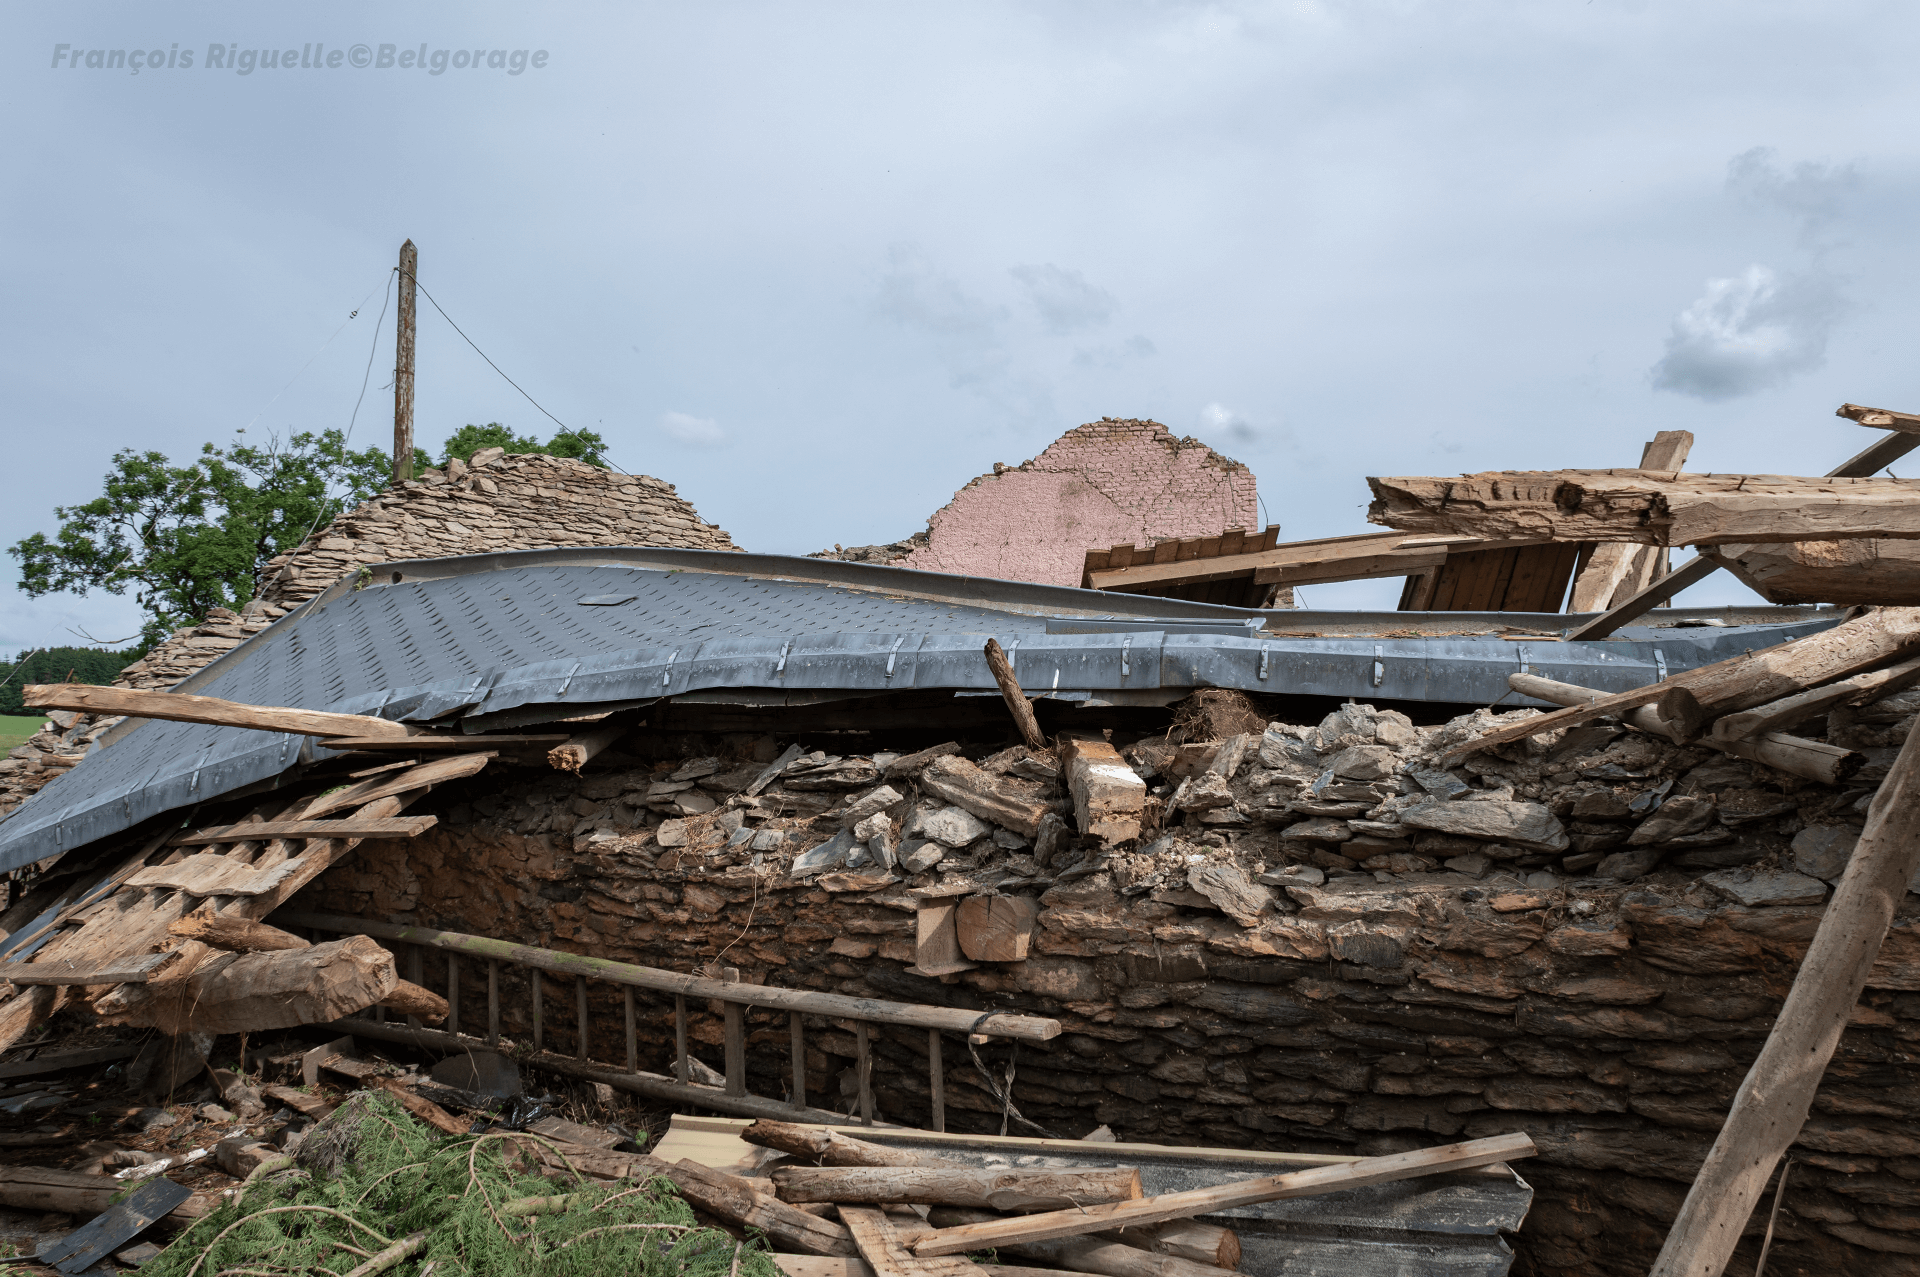 Dommages du niveau F2 constatés à Bernistap, en province de Liège, suite au passage de la tornade du 27 juin 2021.